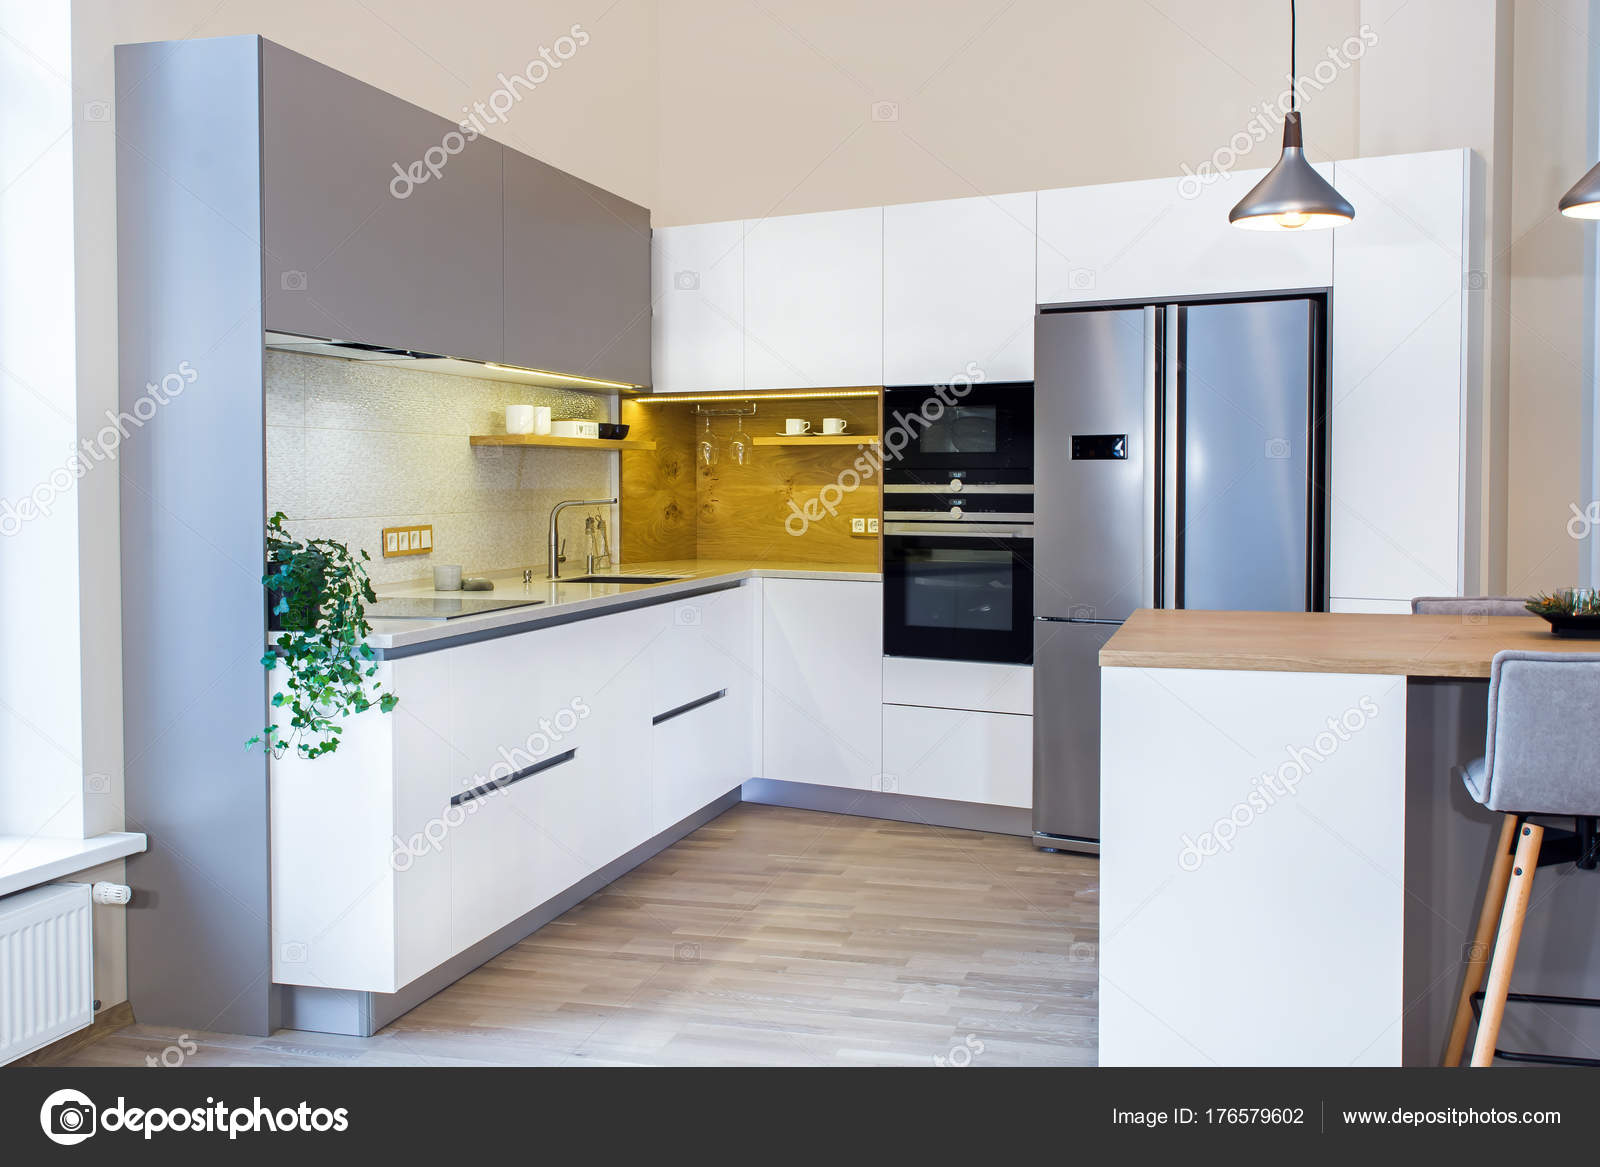 Moderne Wohnlandschaft Moderne Küchendesign Hellen Innenraum Zimmer ...